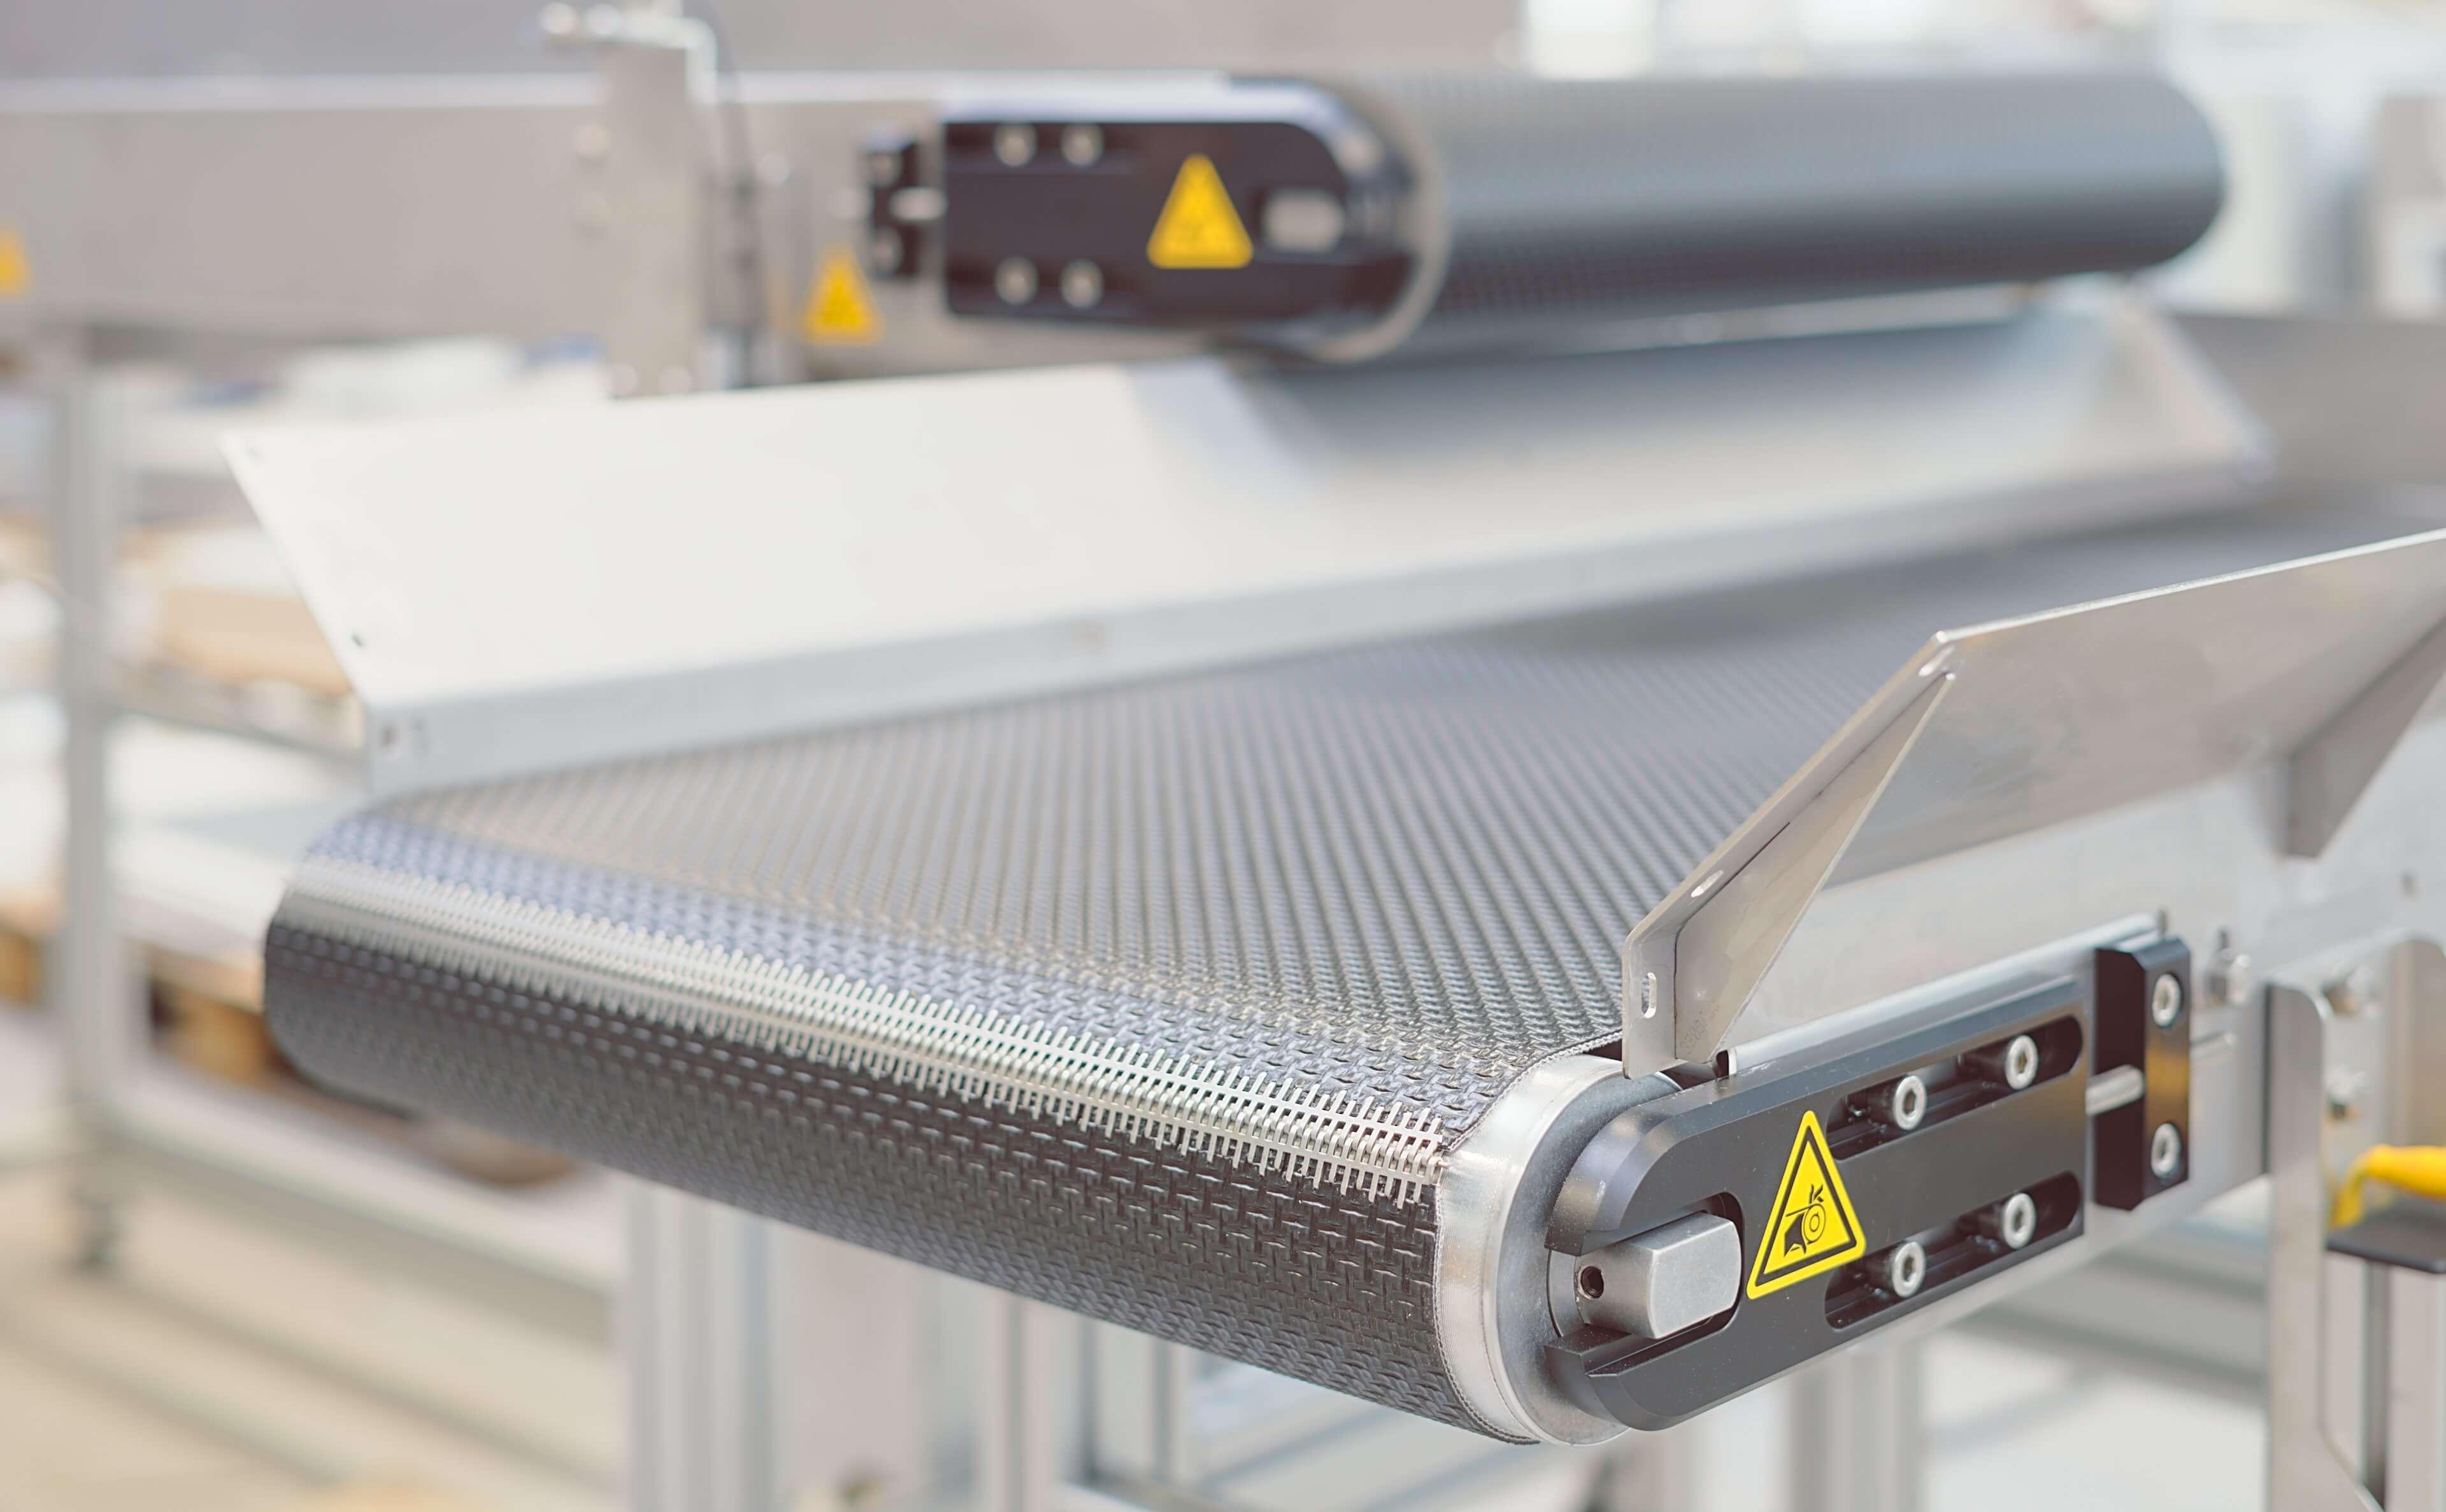 Foerderband MINITRANS H65 mit Seitenfuehrung, Not-Halt-Tasten und einem Frequenzumrichter zur Geschwindigkeitsregelung